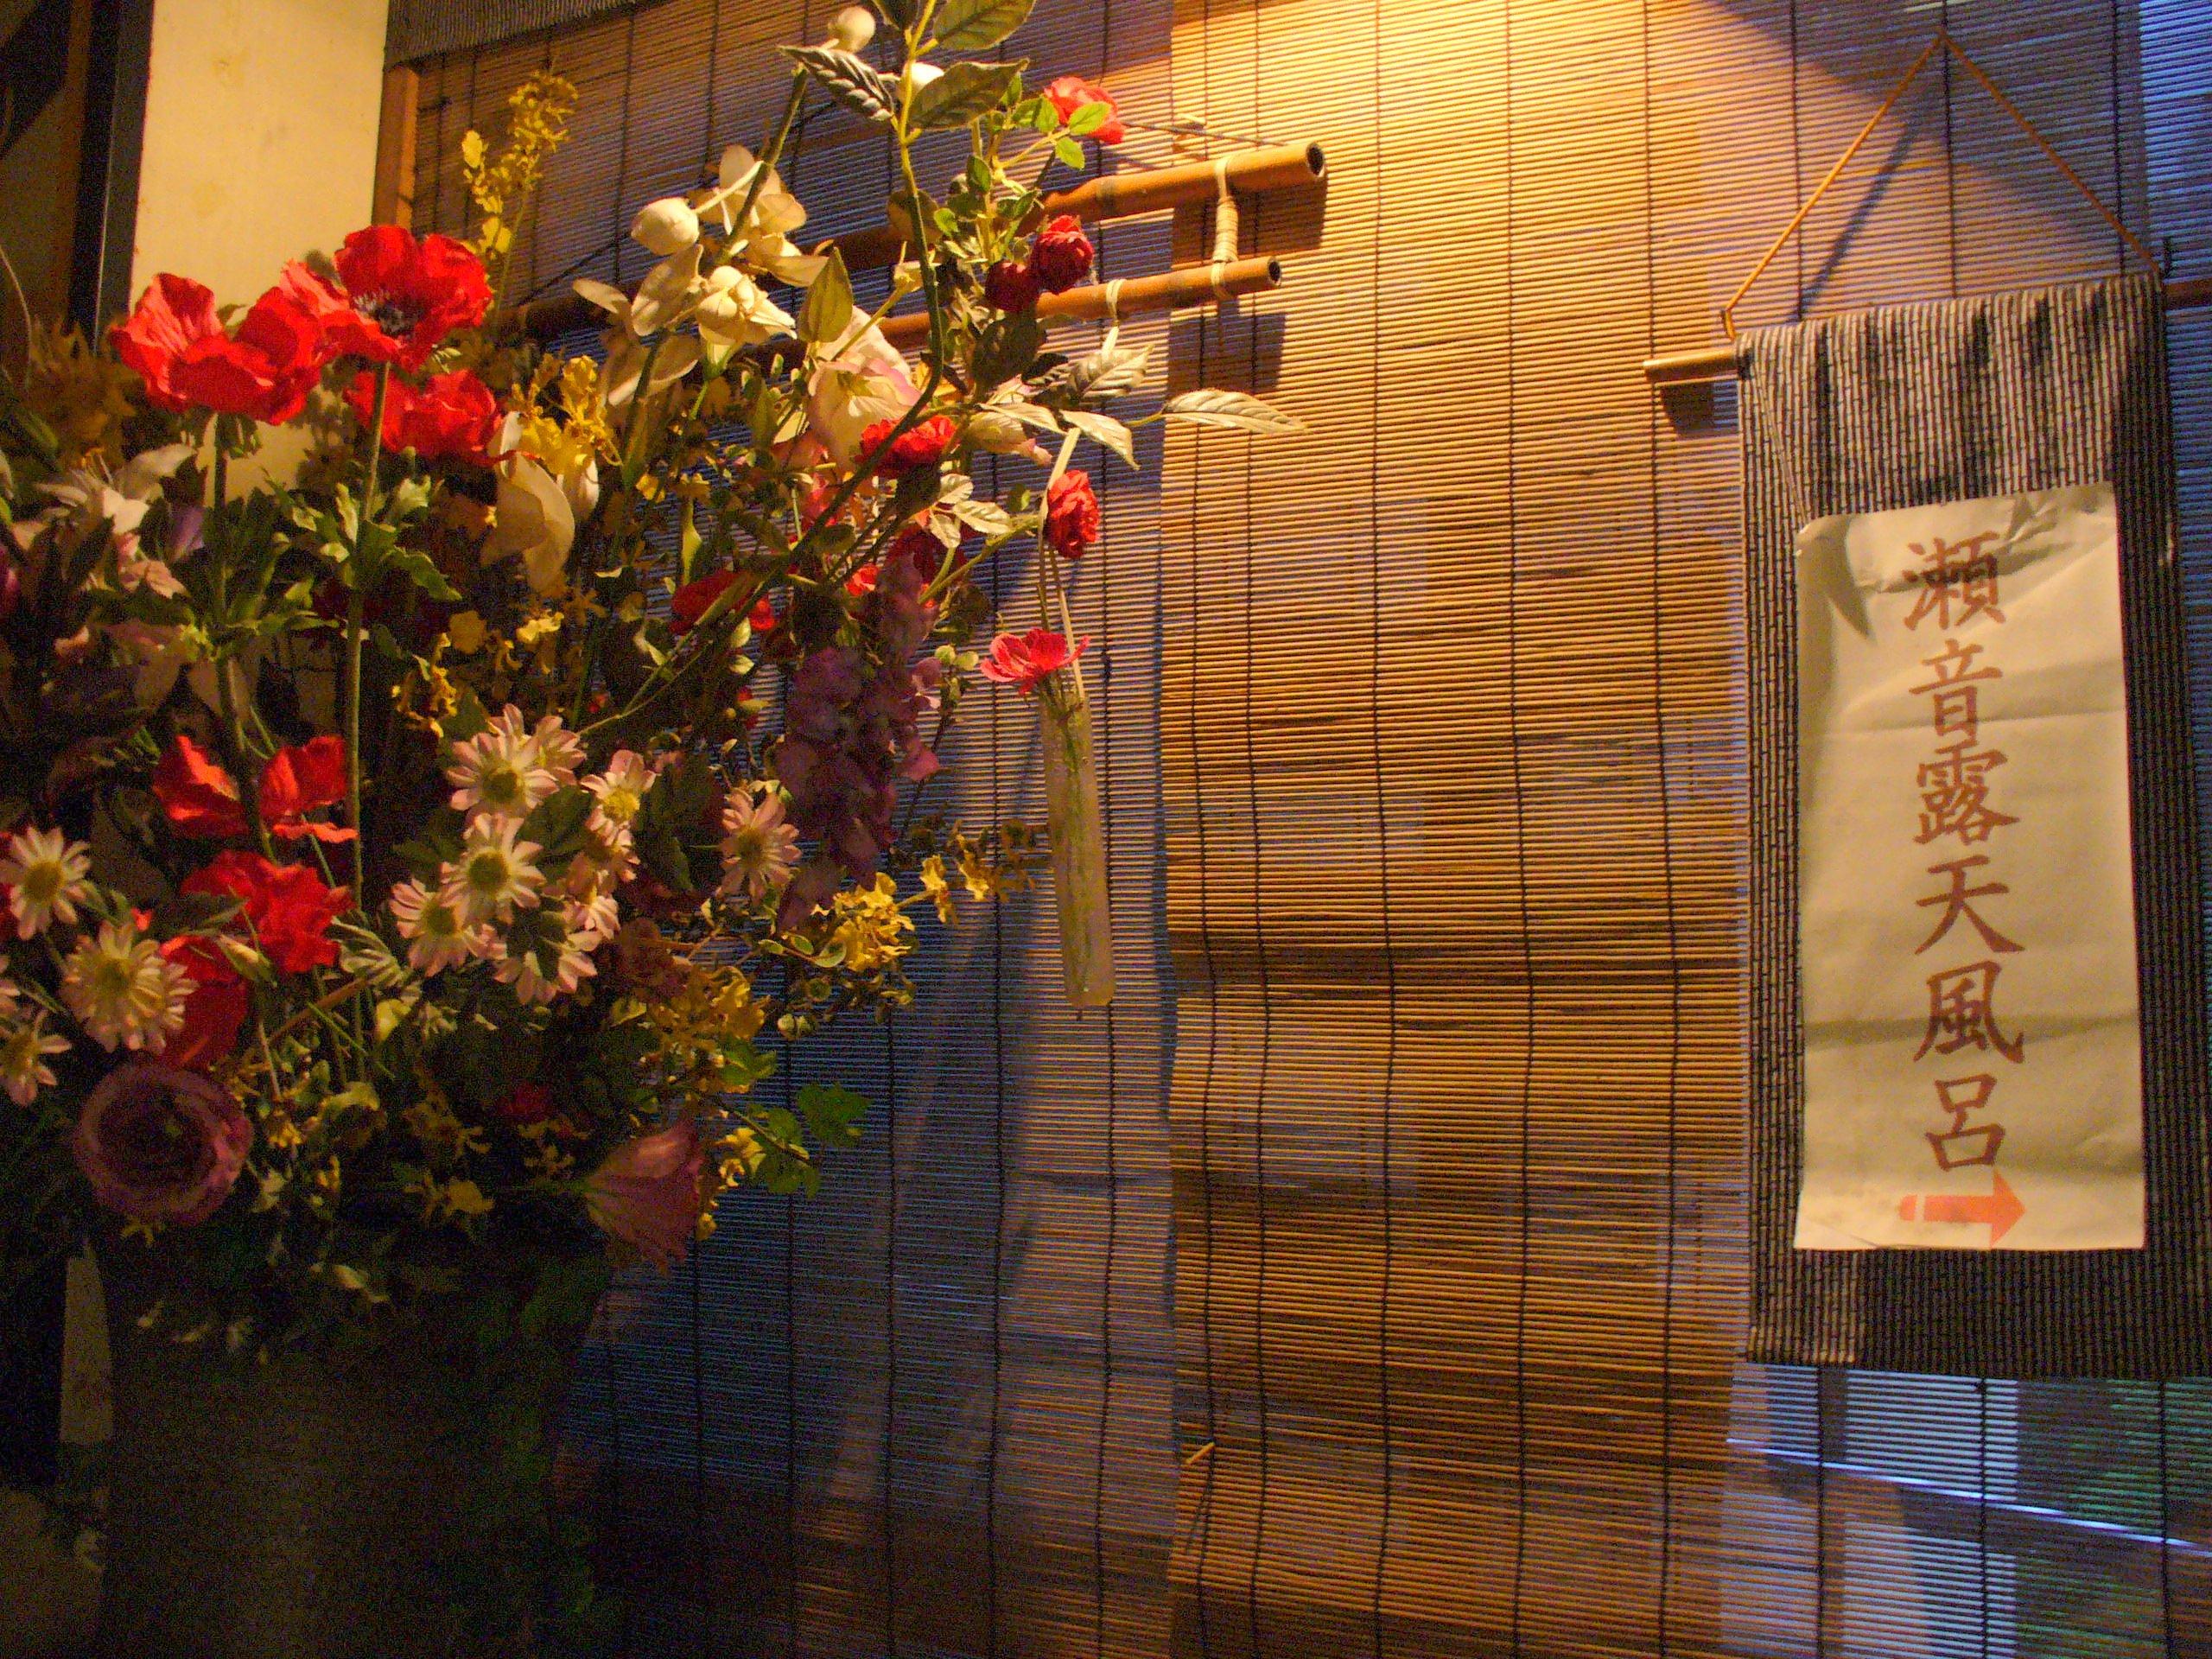 露天風呂へいく途中に、造花が飾ってあります。